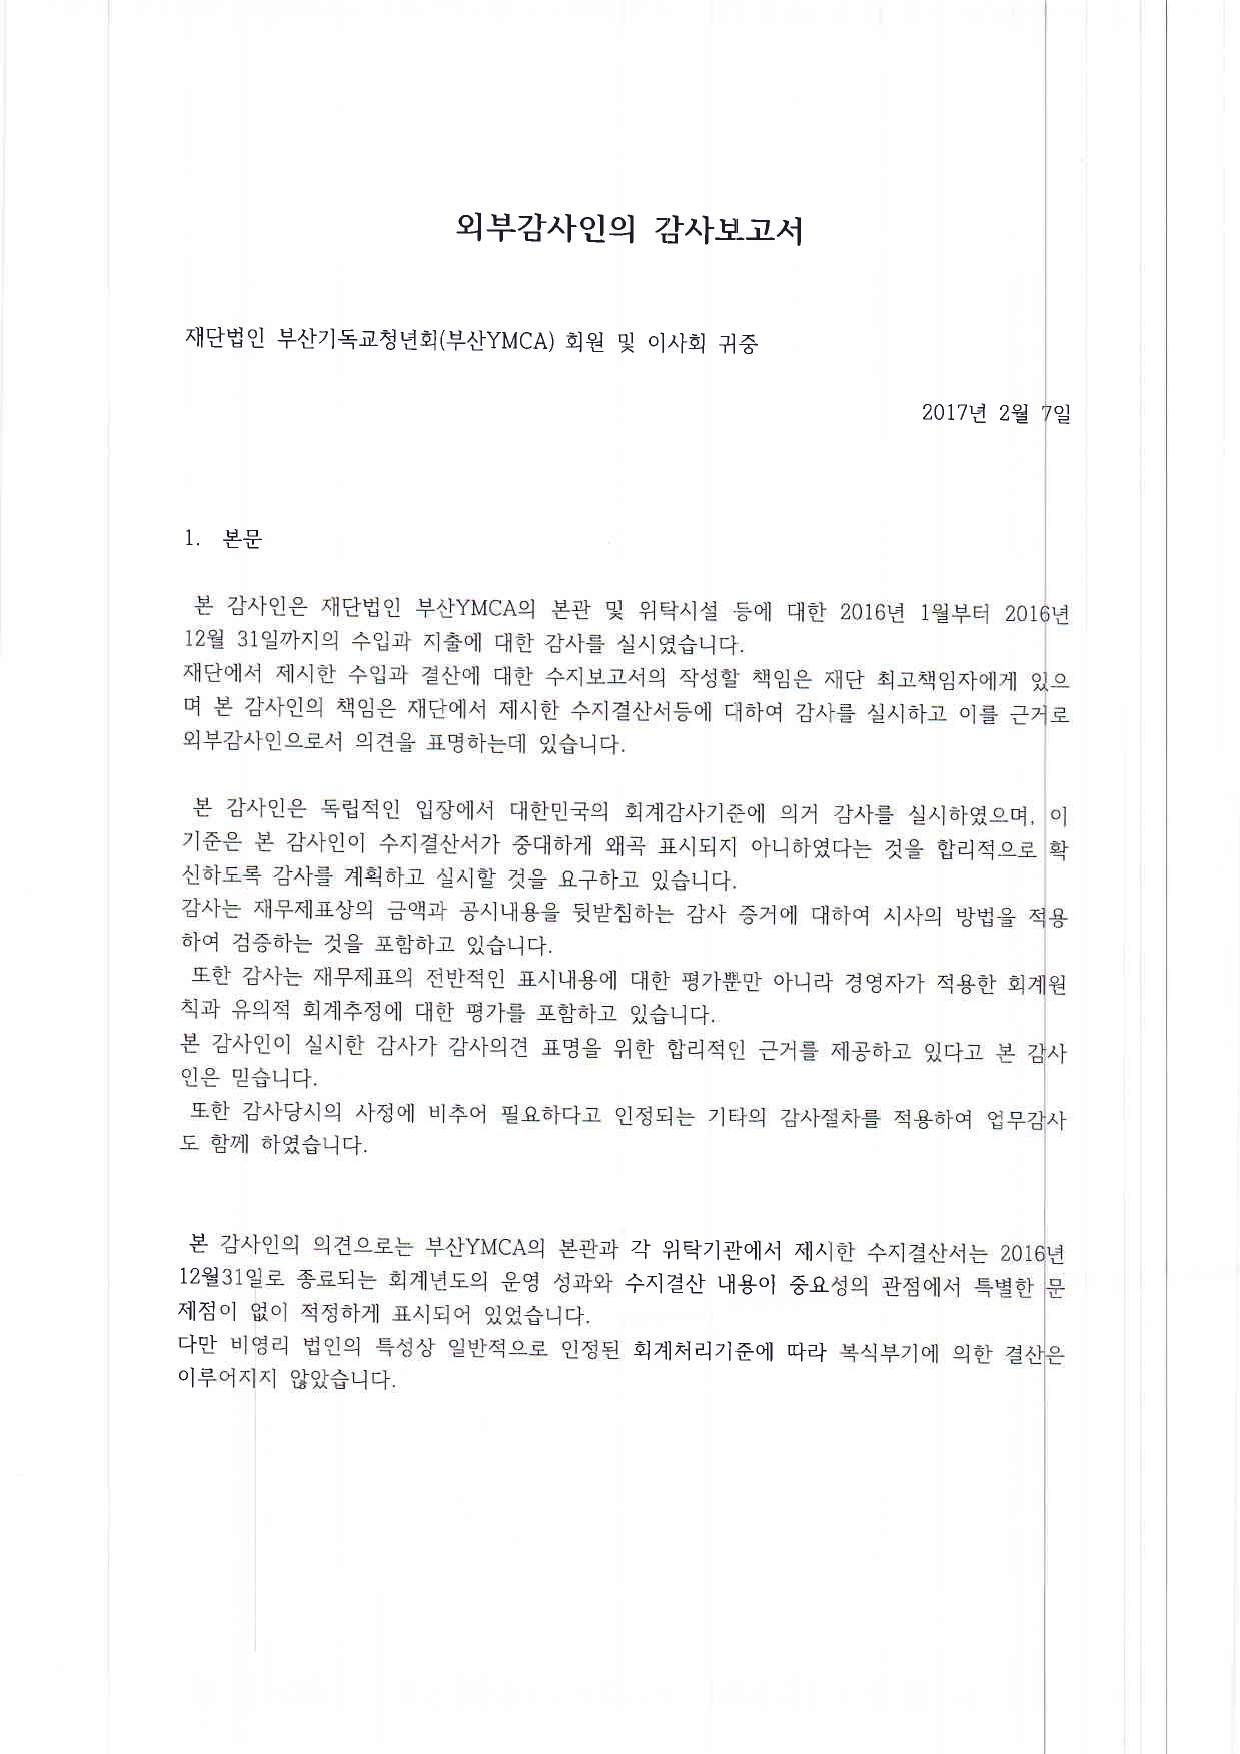 2016년외부회계감사보고서(초량)-1.jpg